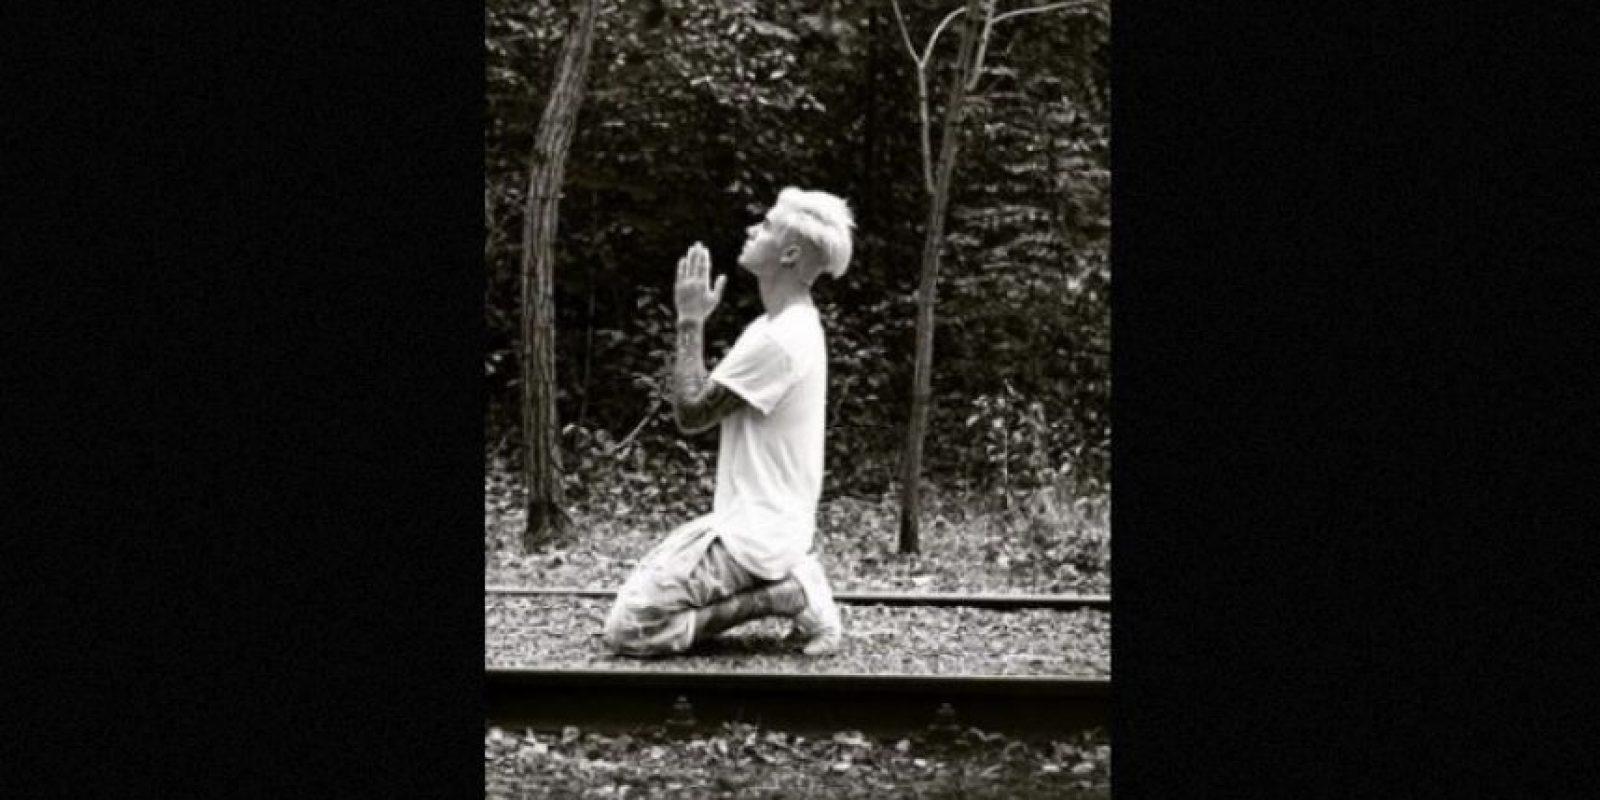 1. La estrella de pop visitó el santuario de Yasukuni en Japón, por lo que publicó dos fotografías que causaron polémica en las redes sociales, pues el santuario rendía honor a todos los caídos de Japón inluídos los criminales de guerra durante la segunda Guerra Mundial. Foto:Instagram/justinbieber